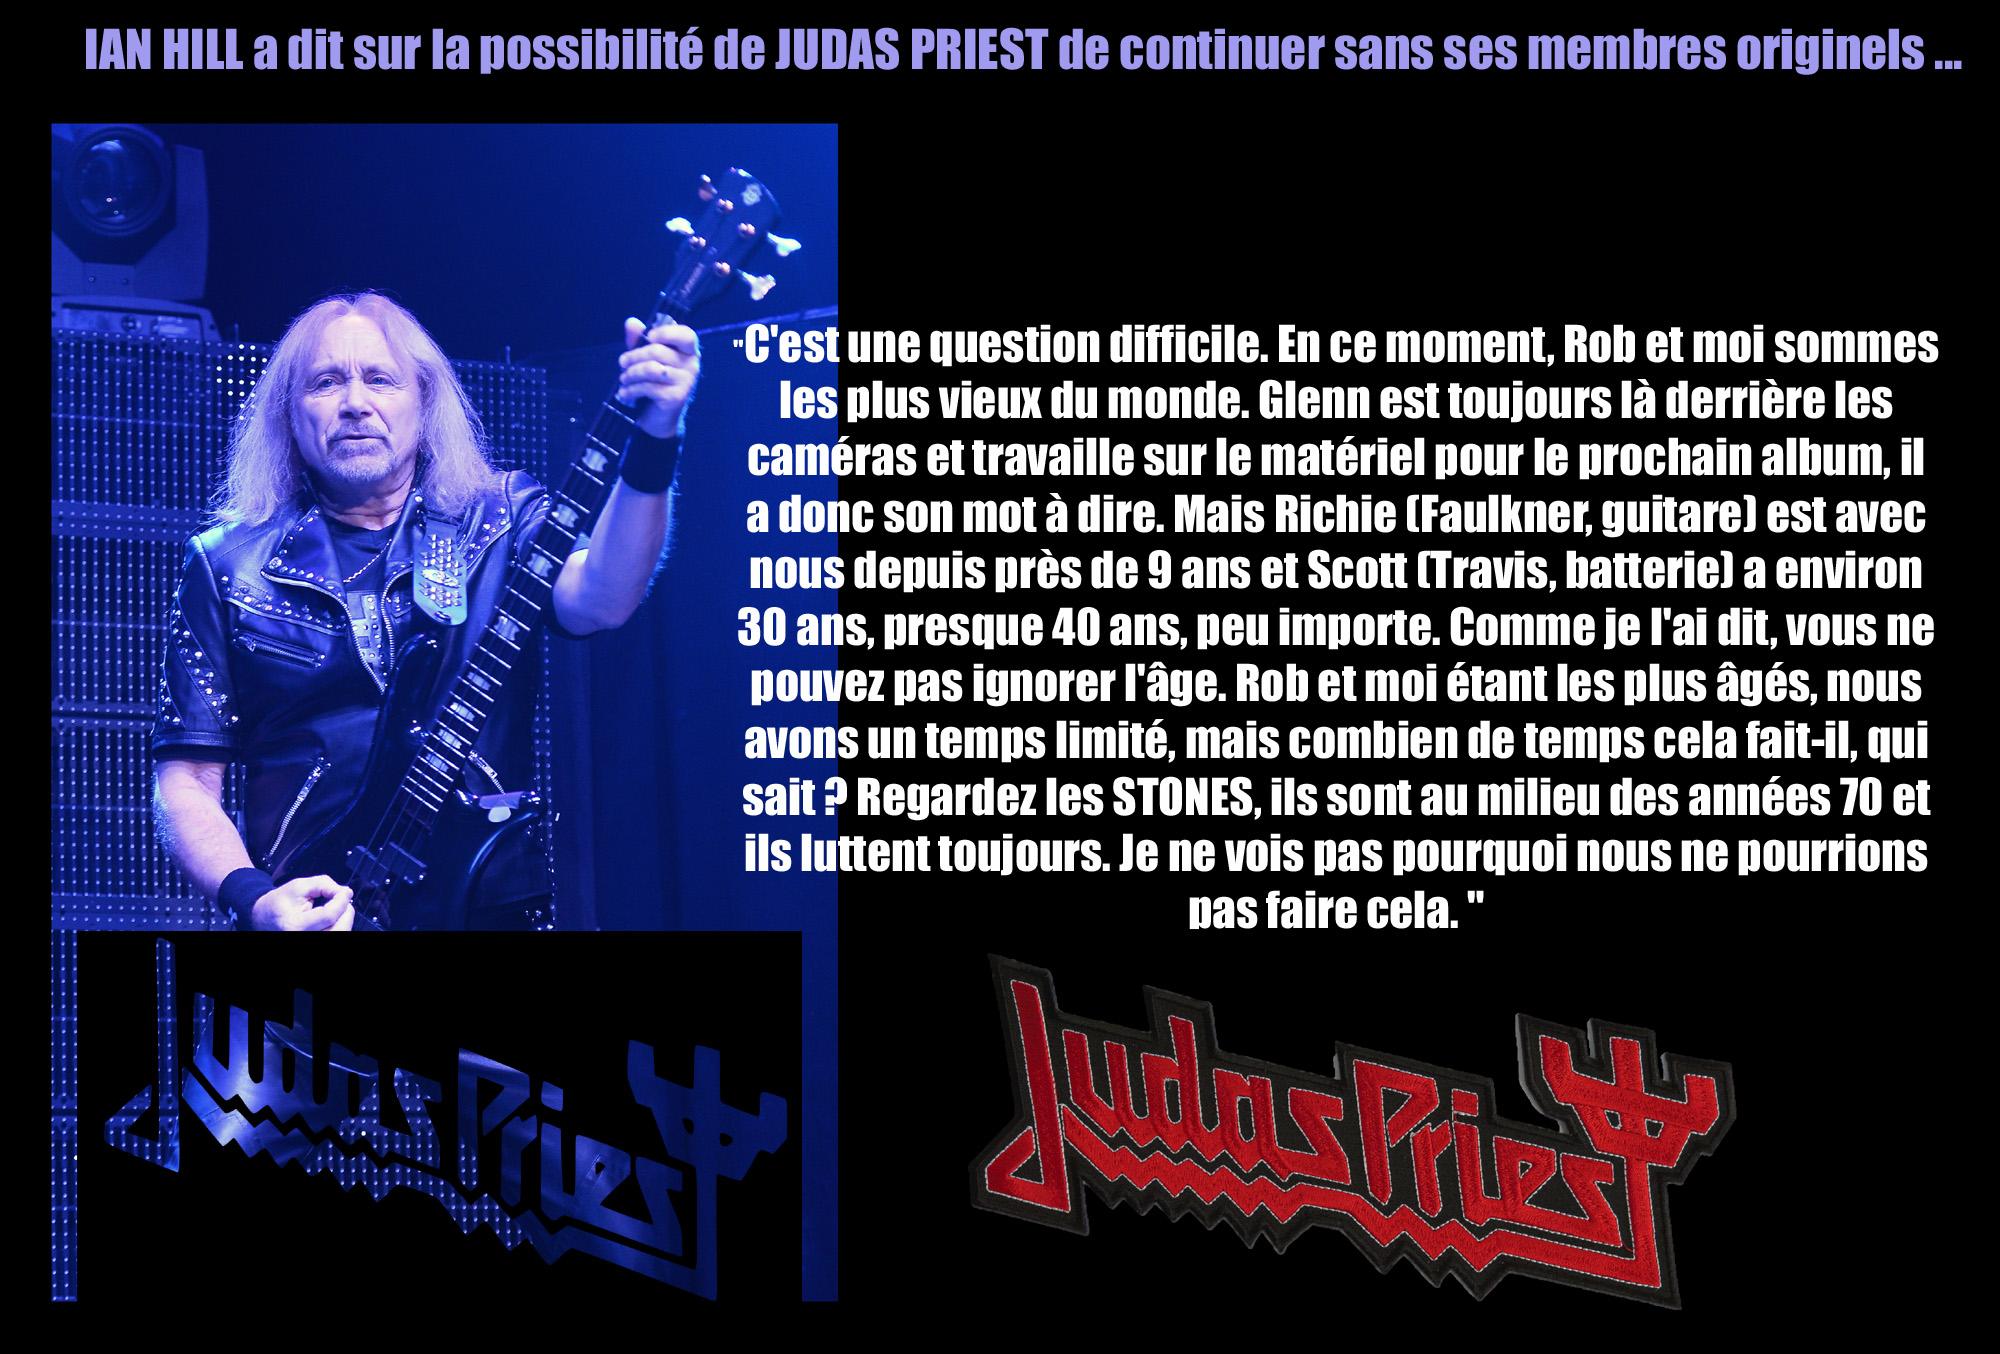 IAN HILL a dit sur la possibilité de voir JUDAS PRIEST continuer sans ses membres originels ... Sans_227